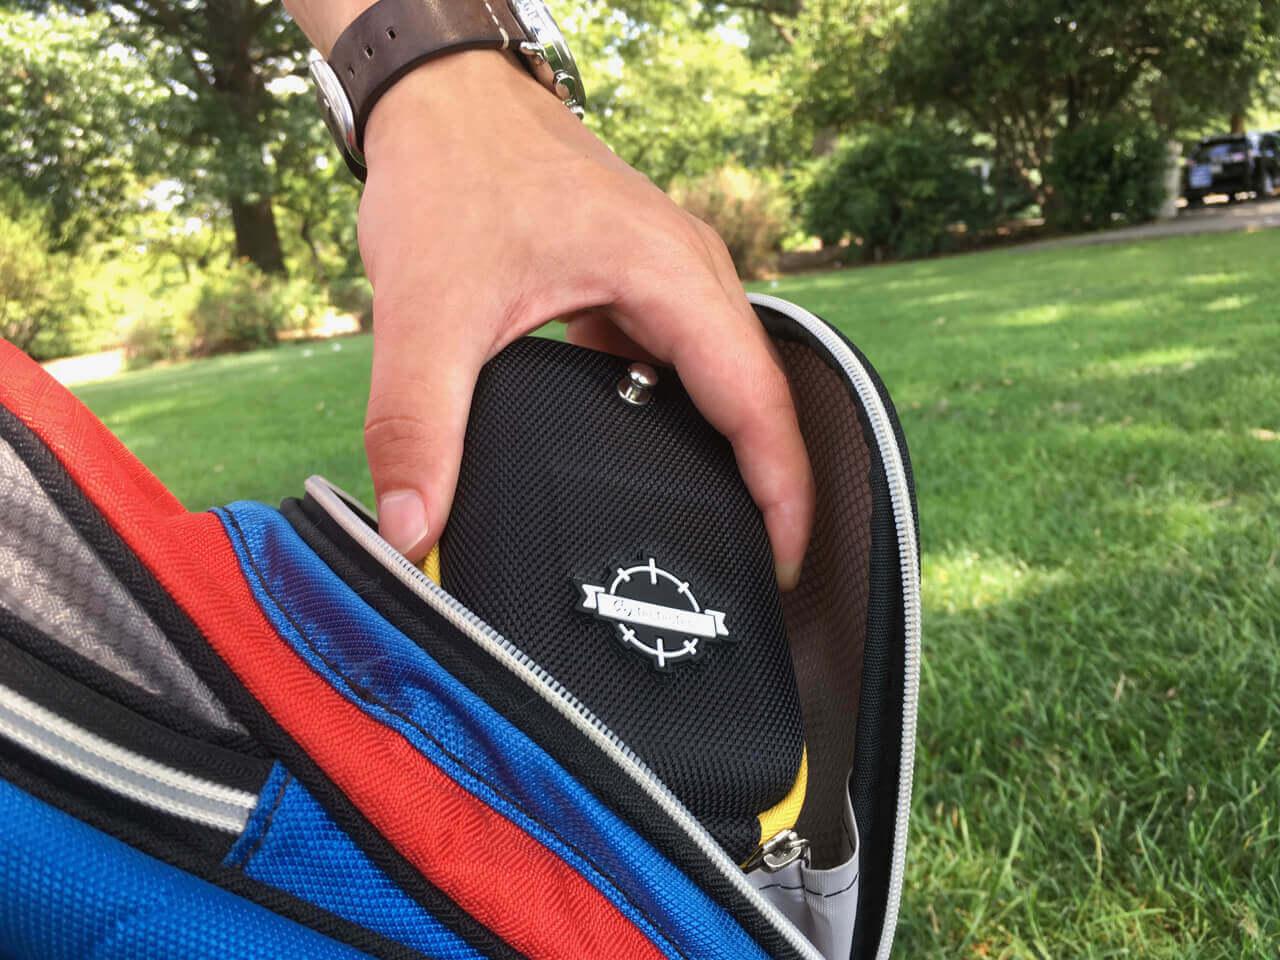 TecTecTec-Golf-Rangefinder-shock-resistant-pouch